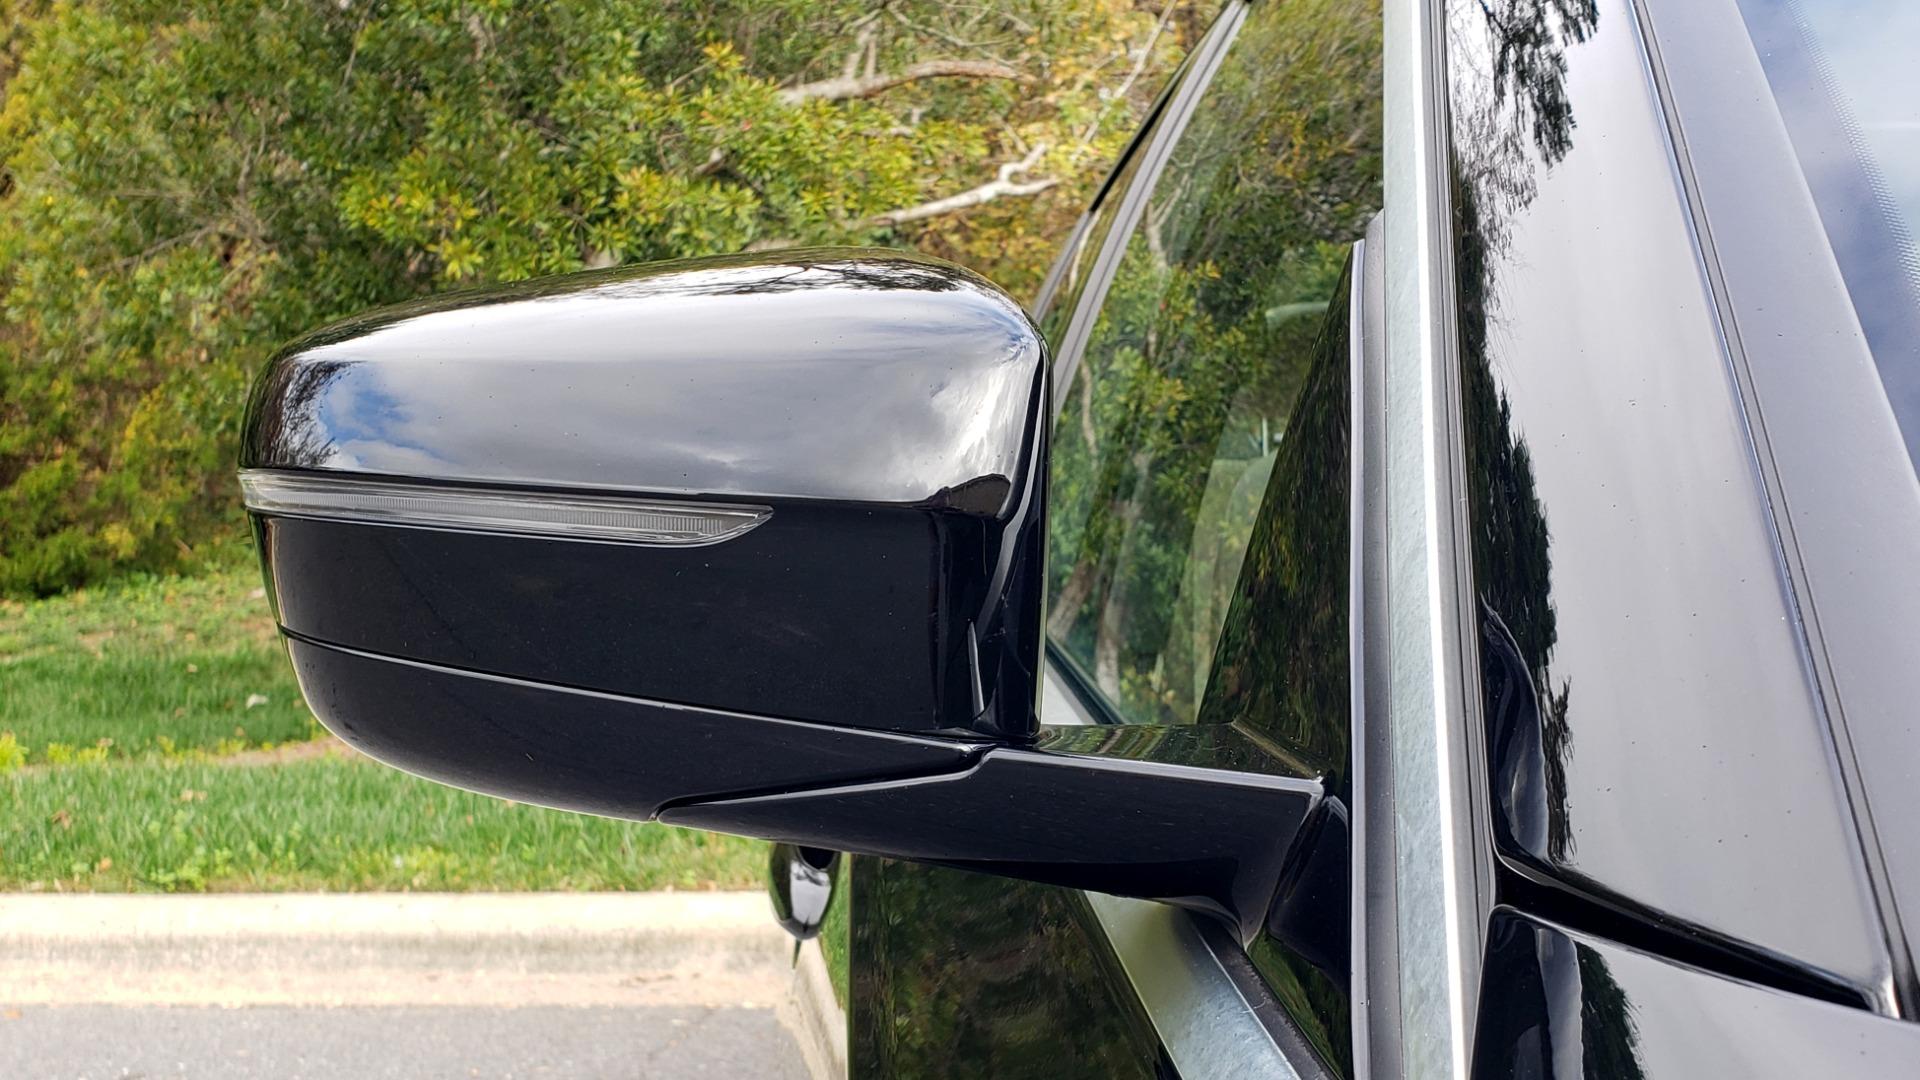 Used 2019 BMW 3 SERIES 330I PREM PKG / NAV / CONV PKG / H&K SND / LIVE COCKPIT PRO for sale Sold at Formula Imports in Charlotte NC 28227 22